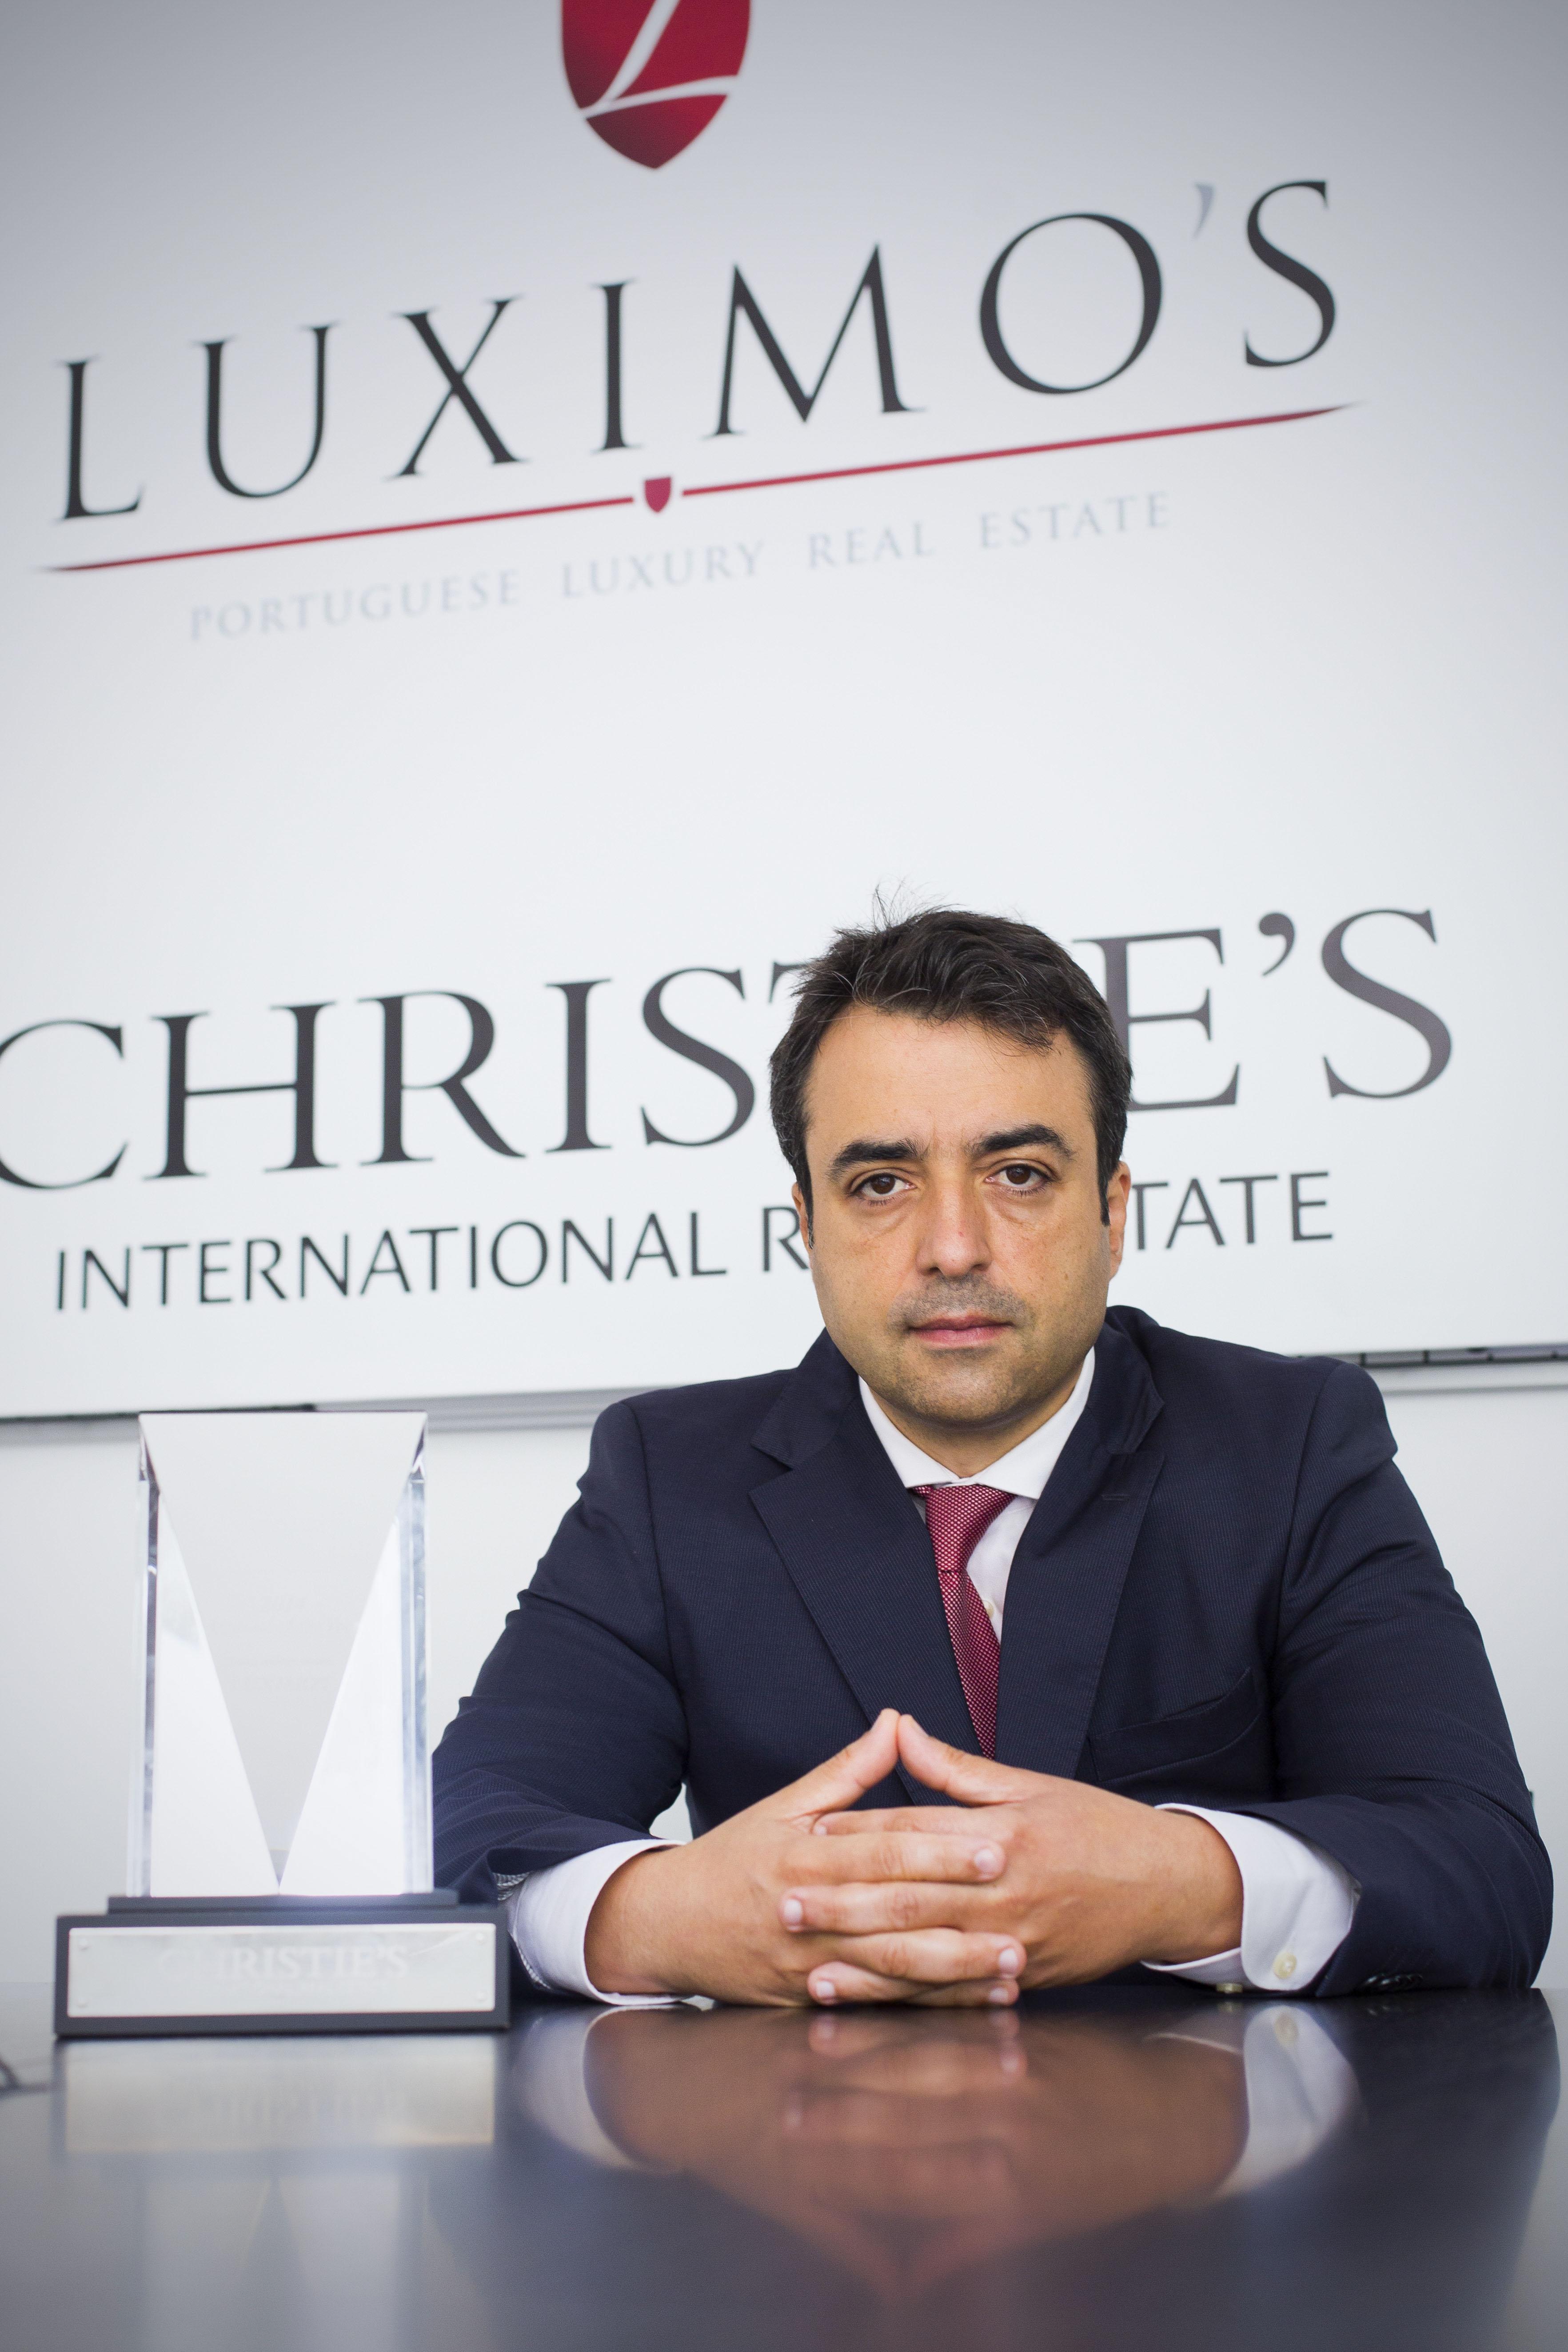 Luximo'sChristie'sInternationalRealEstate